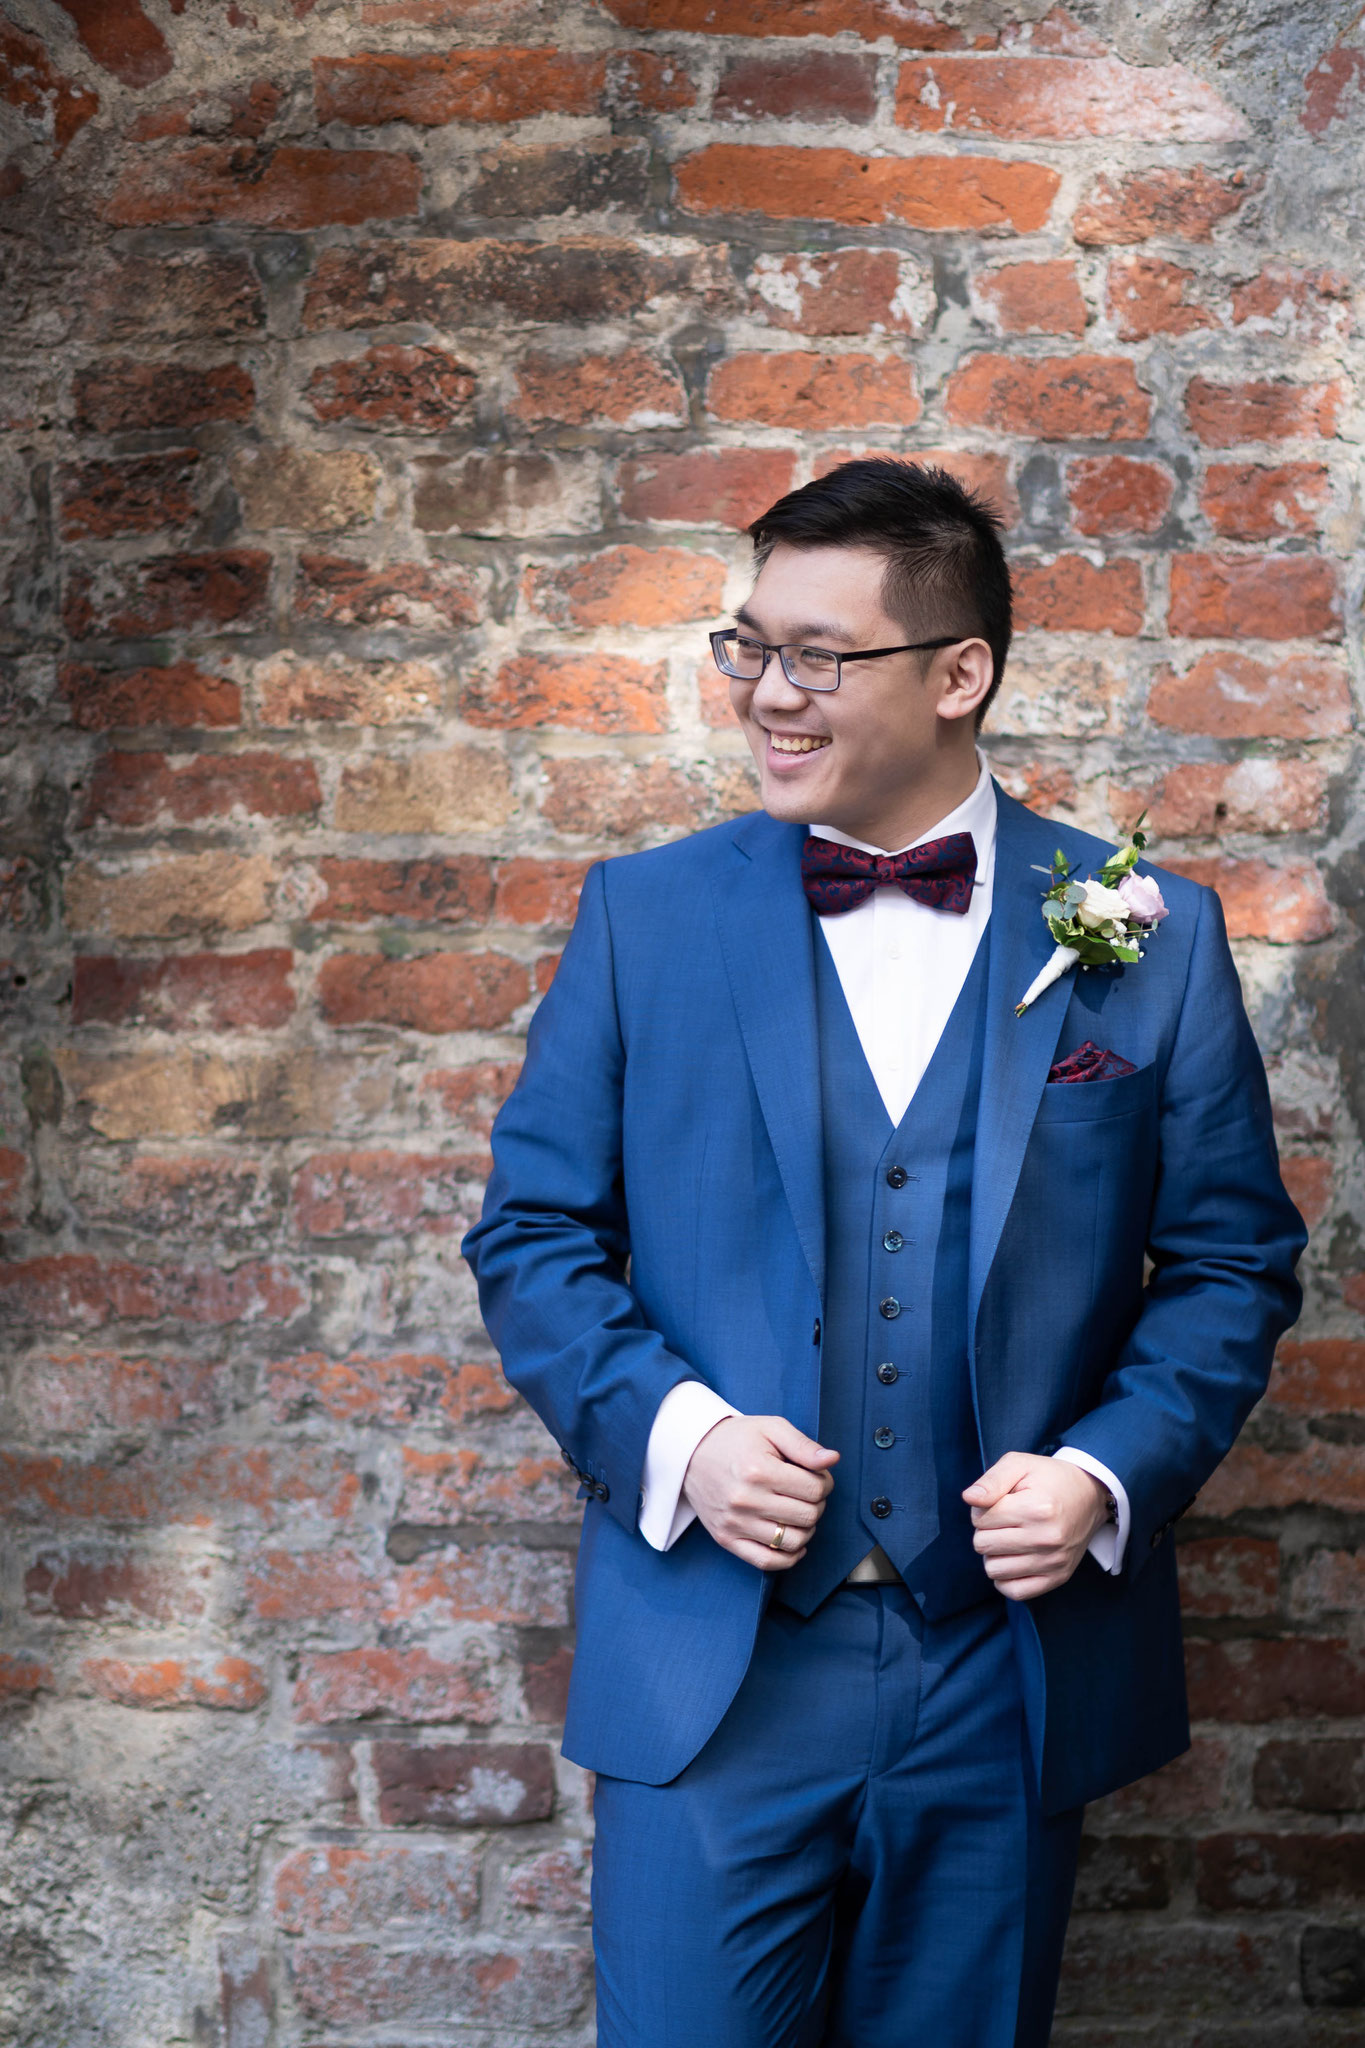 Ihr Hochzeitsfotograf und Hochzeitsfilmer für russische chinesische und internationale Hochzeiten in Memmingen, Bayern, Deutschlandweit und Europaweit